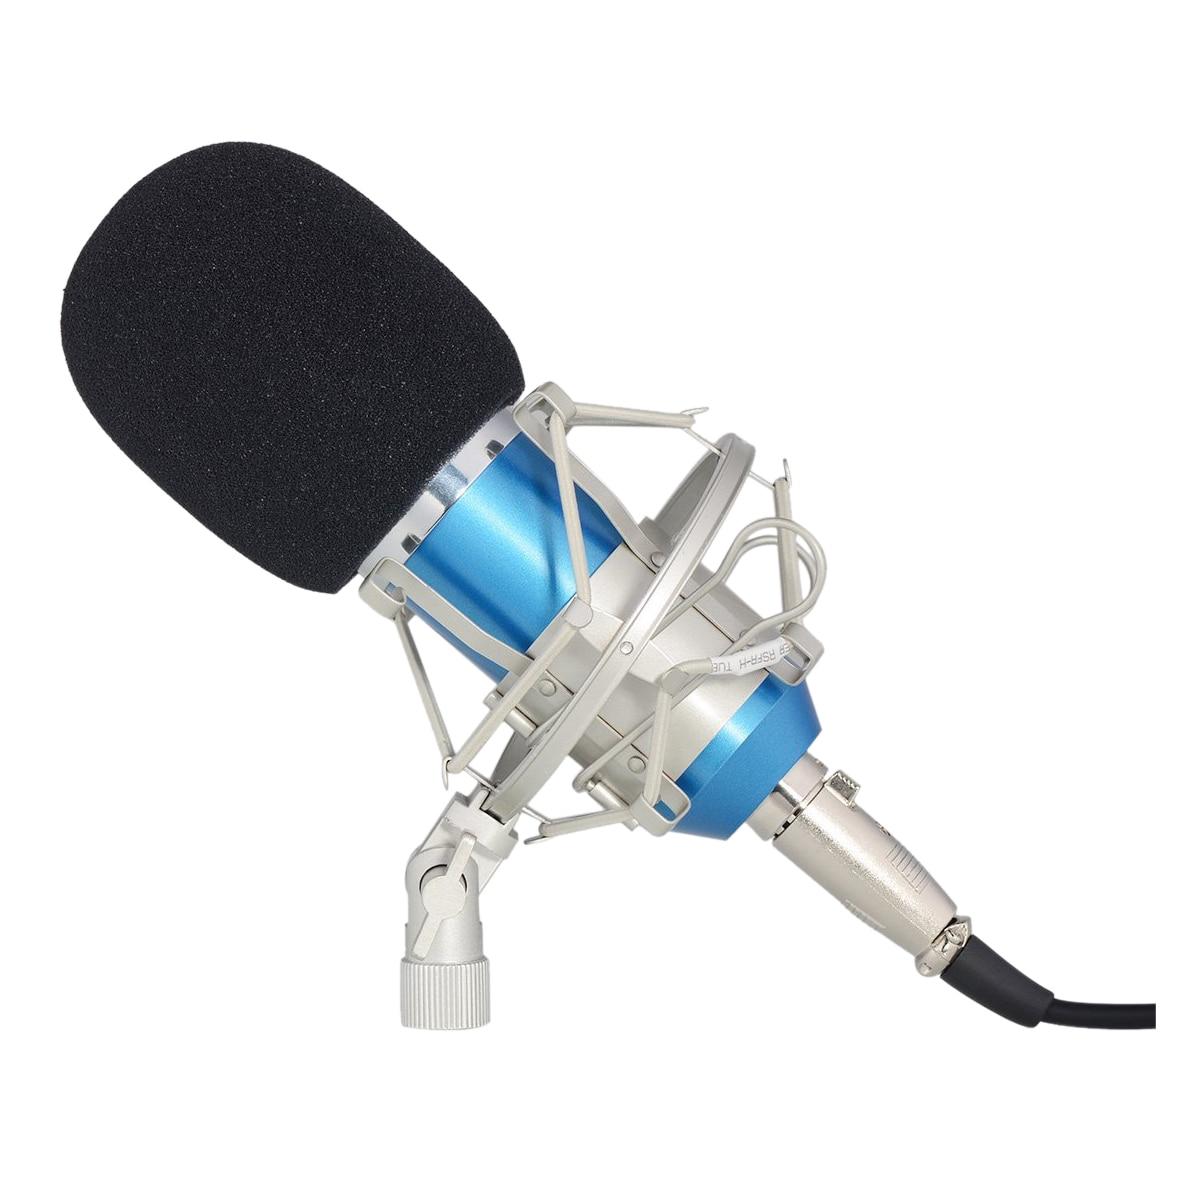 Studio D'enregistrement Condenseur miniphone Pour Radio Radiodiffusion Voix-Sur Son Studio, D'enregistrement À Domicile, les Jeux et la Vidéo Chat